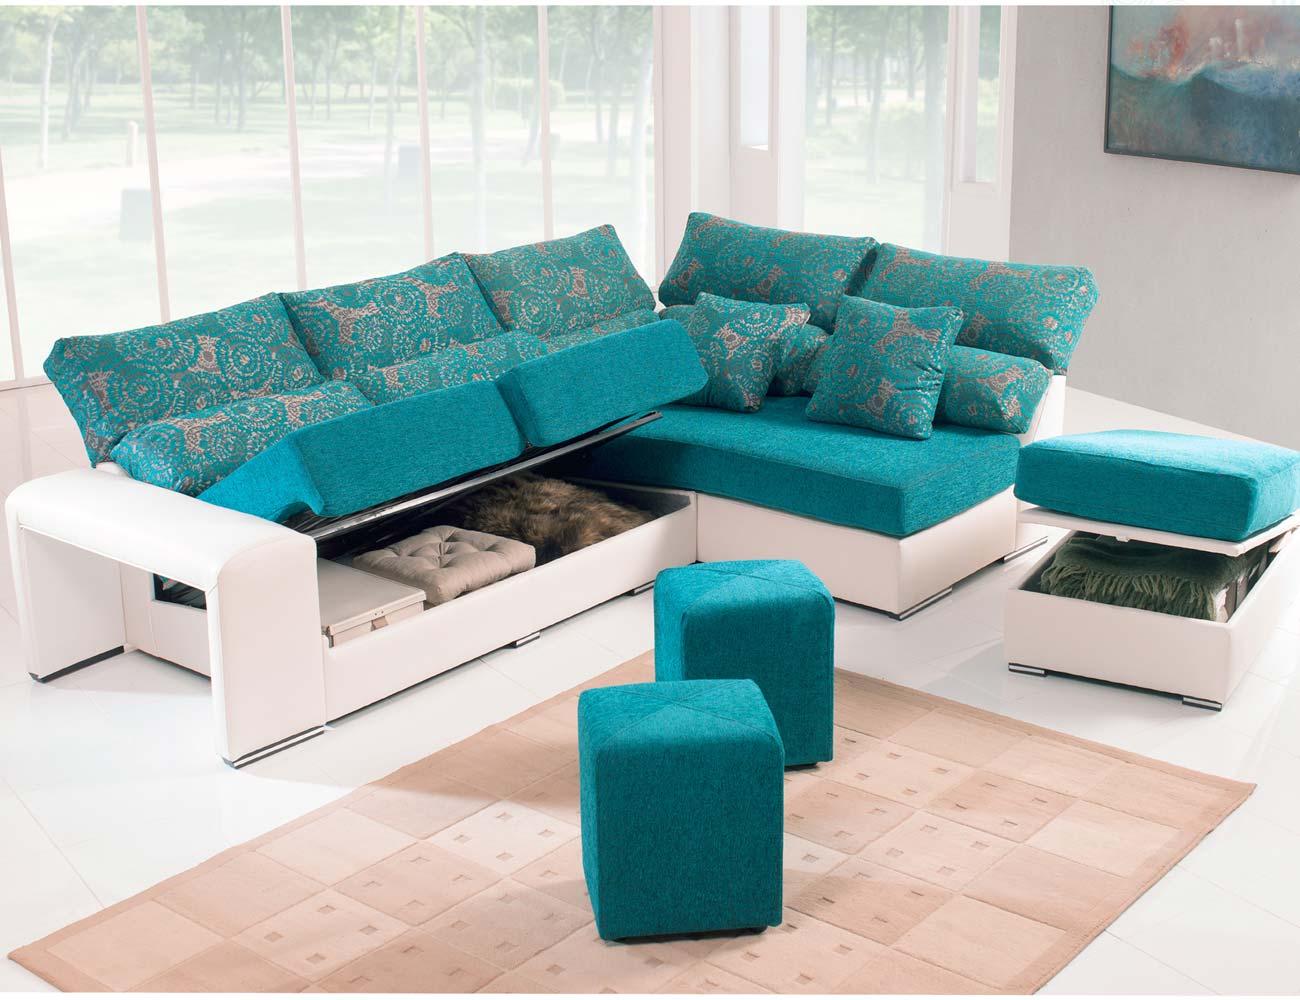 Sofa chaiselongue rincon puff arcon taburete13